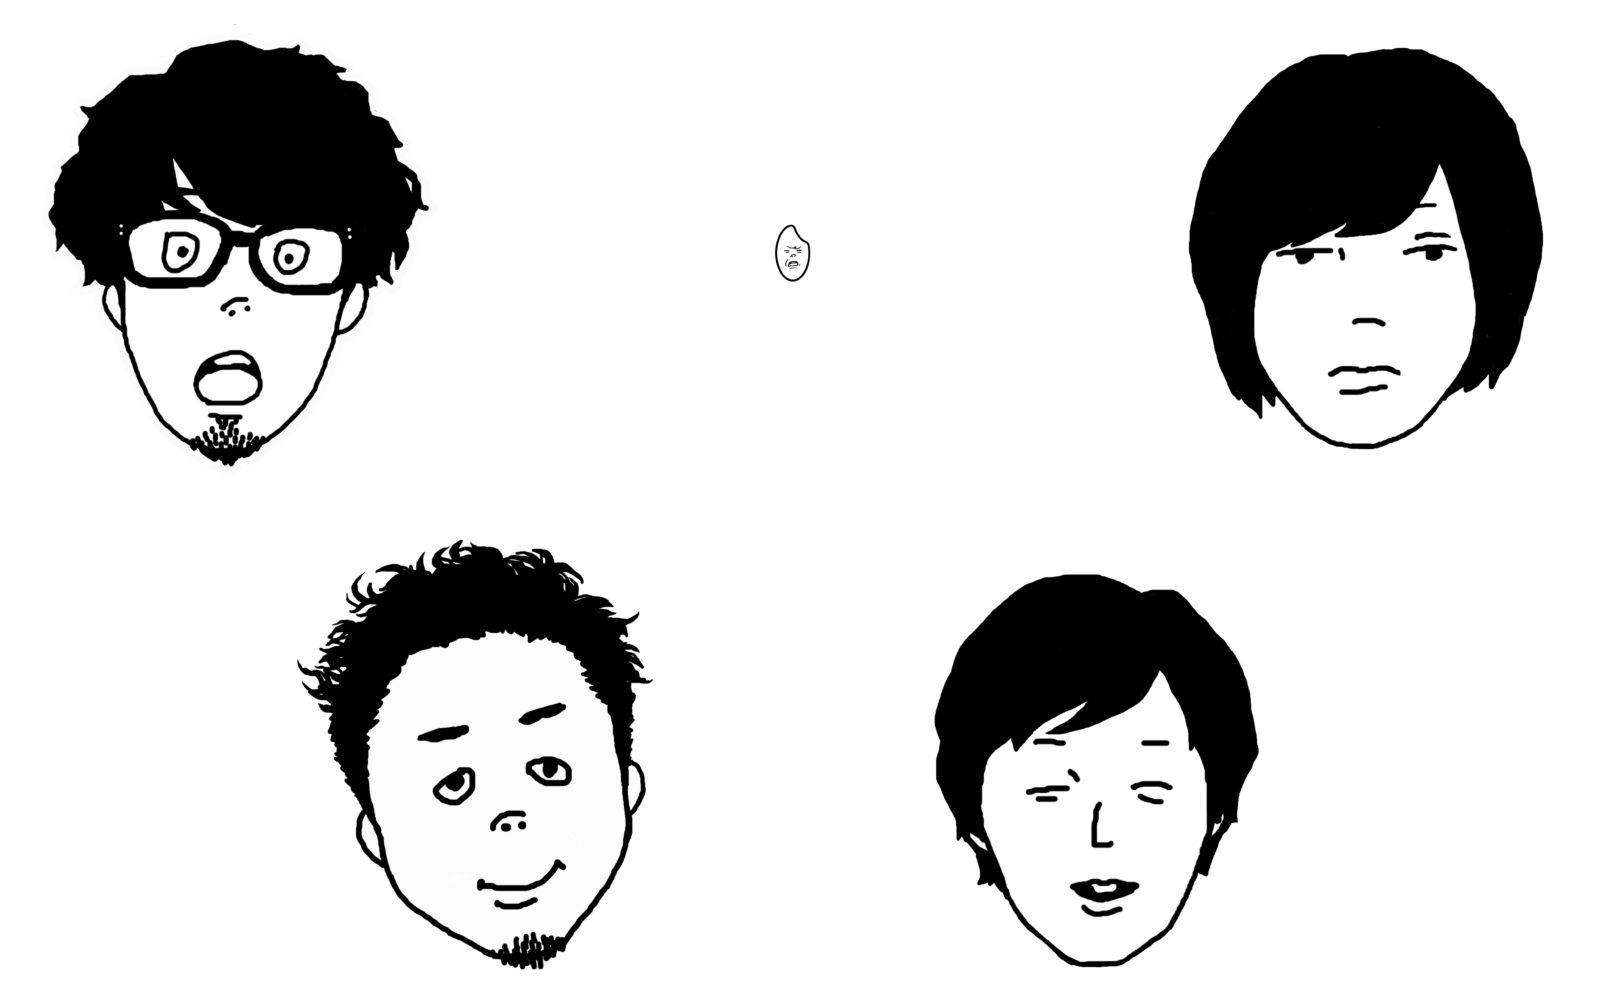 キュウソネコカミ、「越えていけ」が、東京マラソン2019 ポカリスエットCMソングに決定サムネイル画像